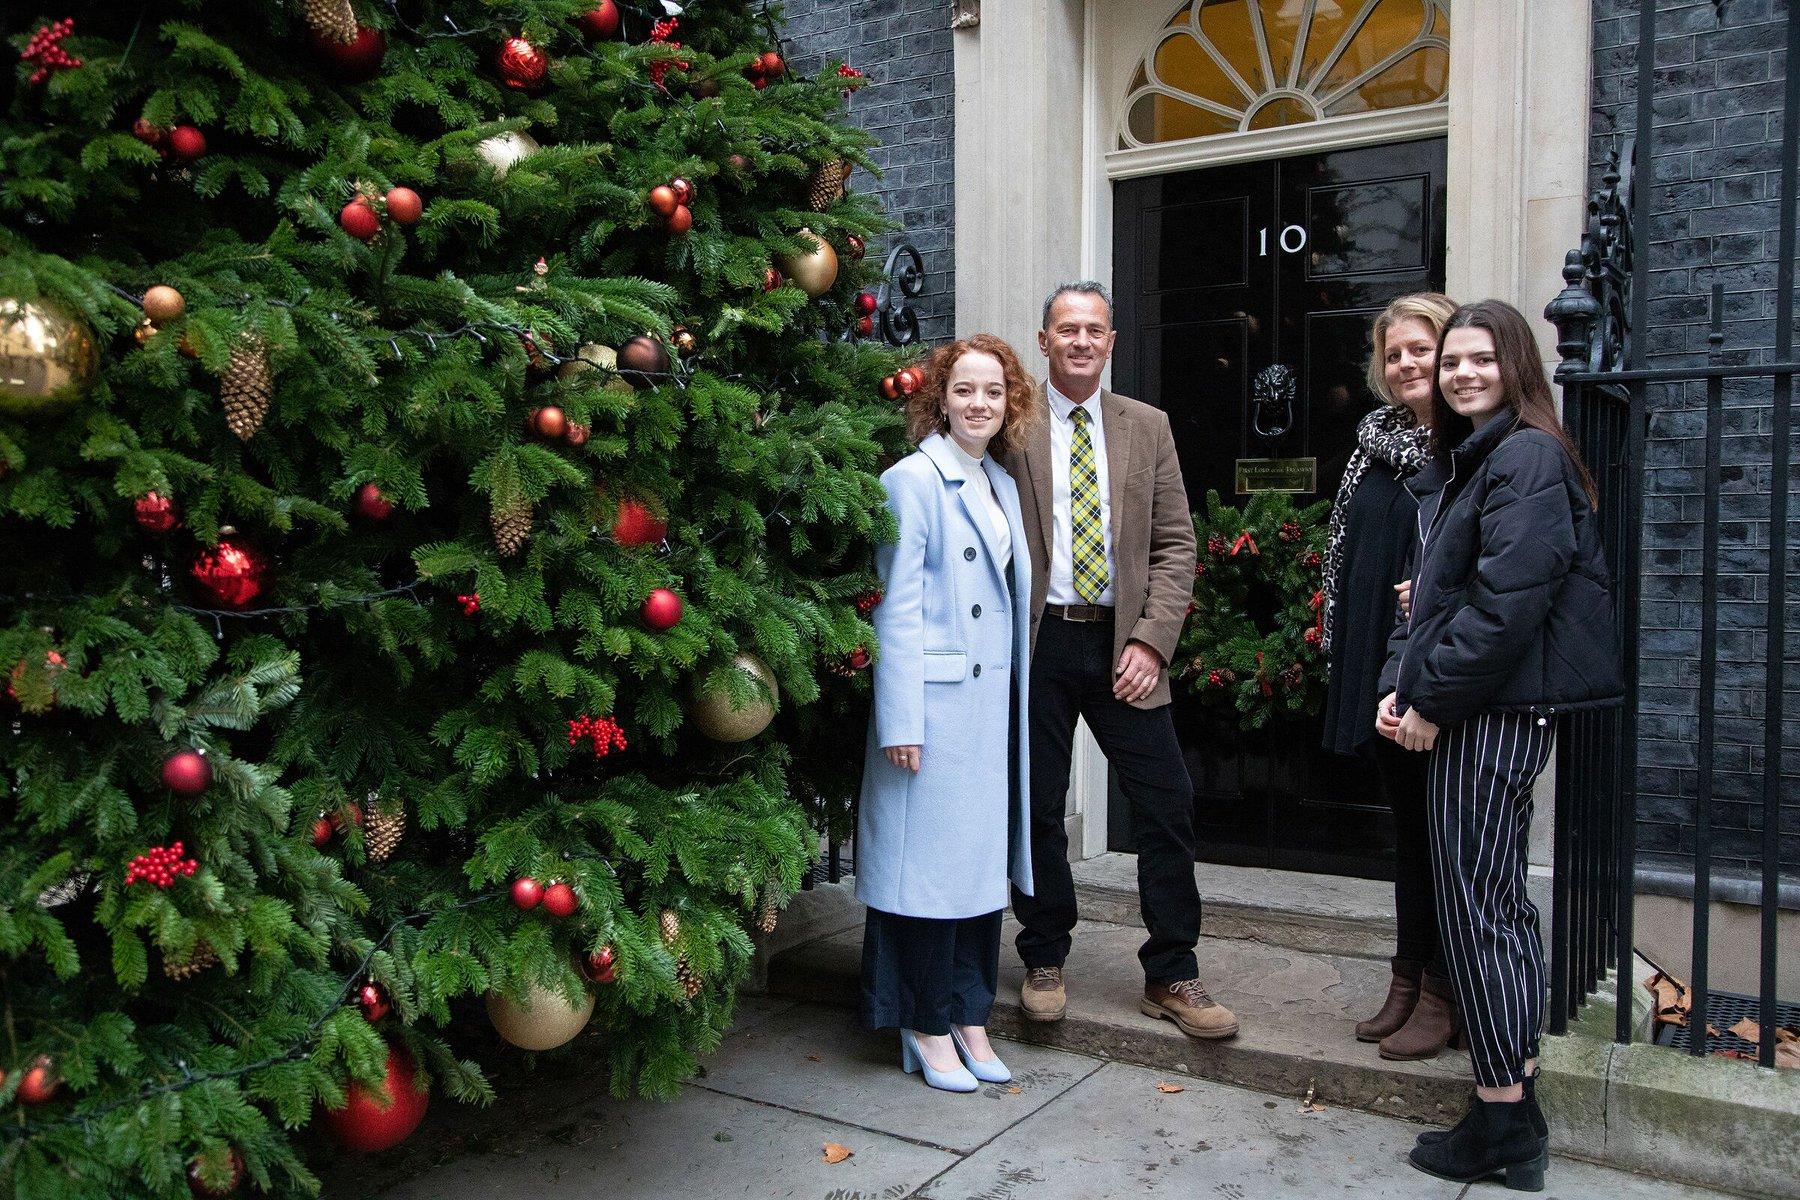 Cornwall Christmas Trees at Downing Street